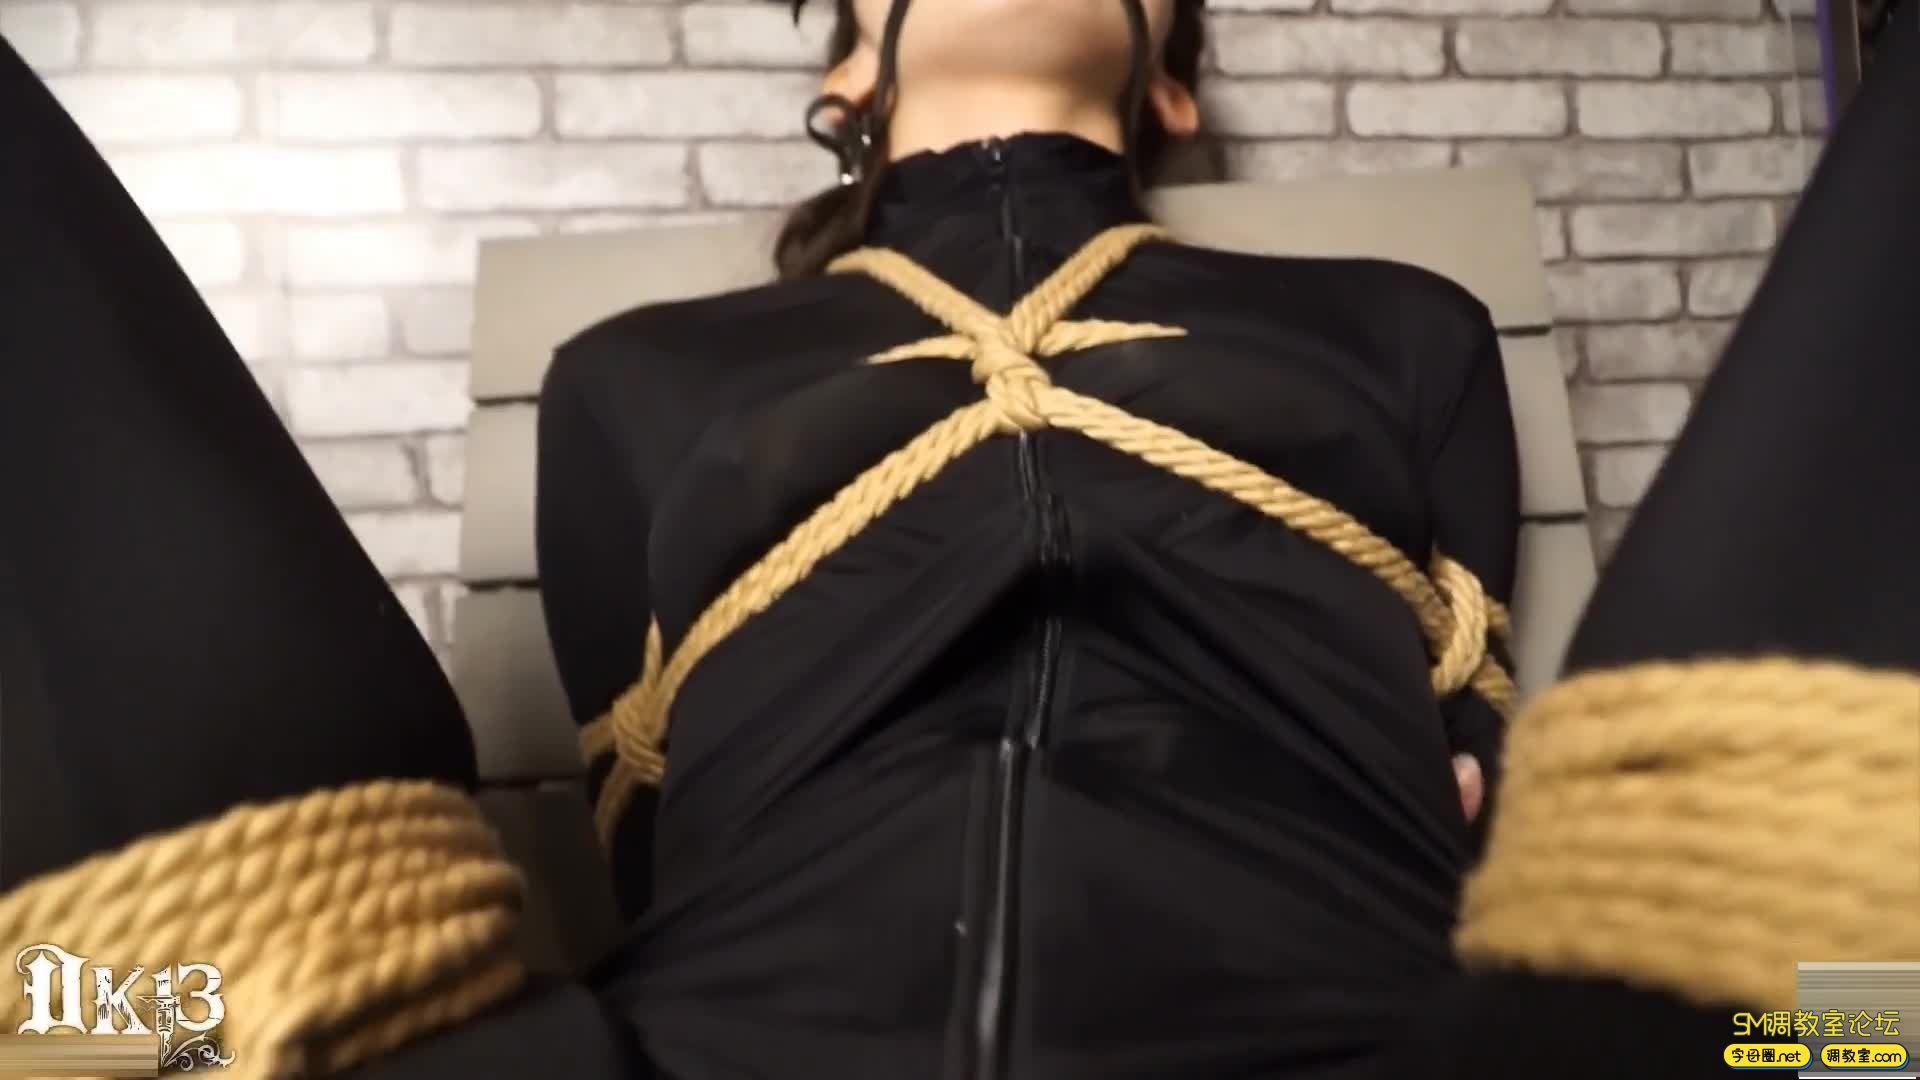 DK13美束馆_密室调教-M字开脚被固定在椅子上-视频截图5